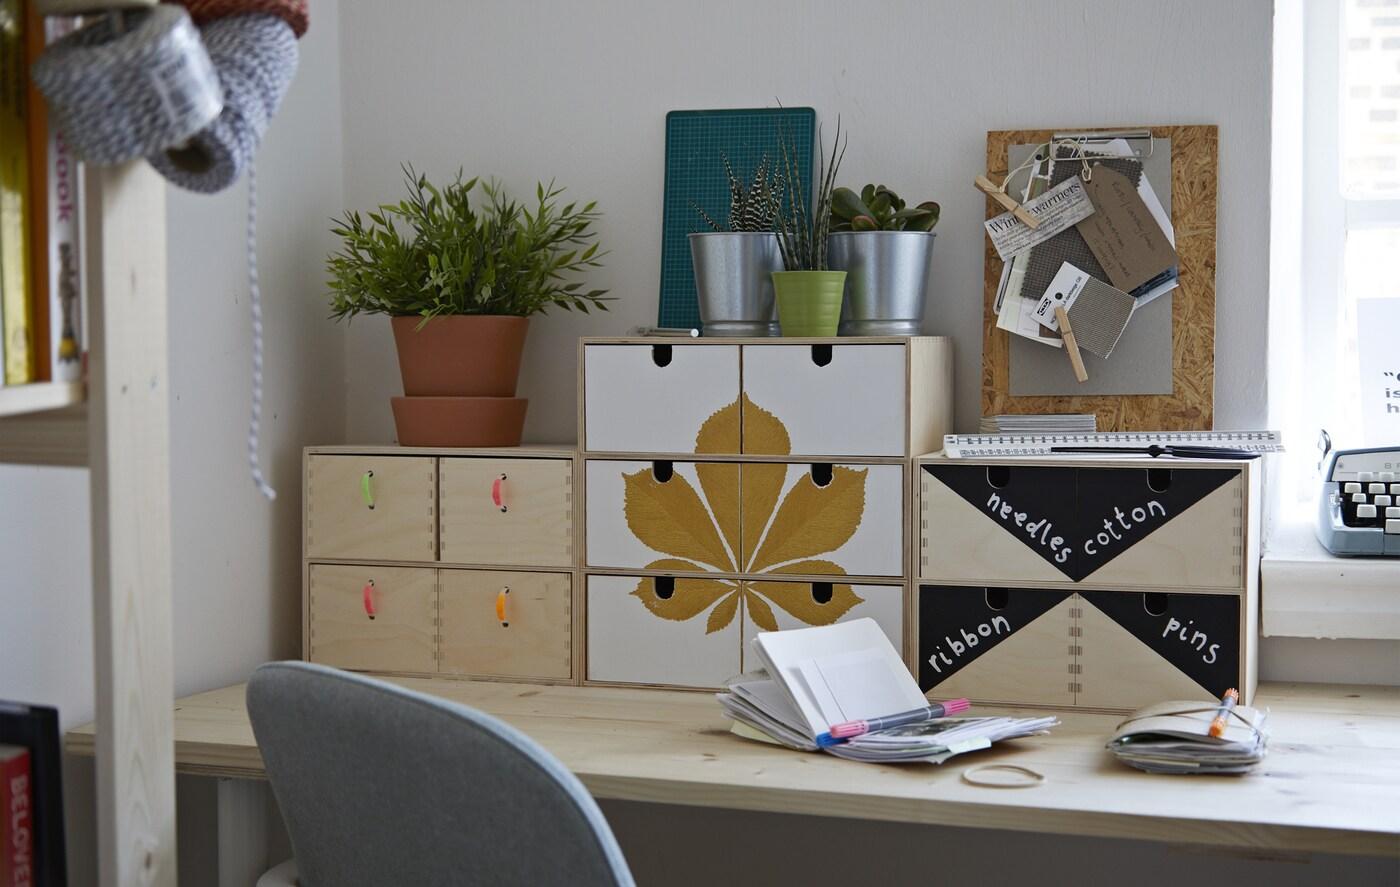 Un escritorio con caixóns para organizar, personalizados con algún motivo, pintura e tiradores coloridos.